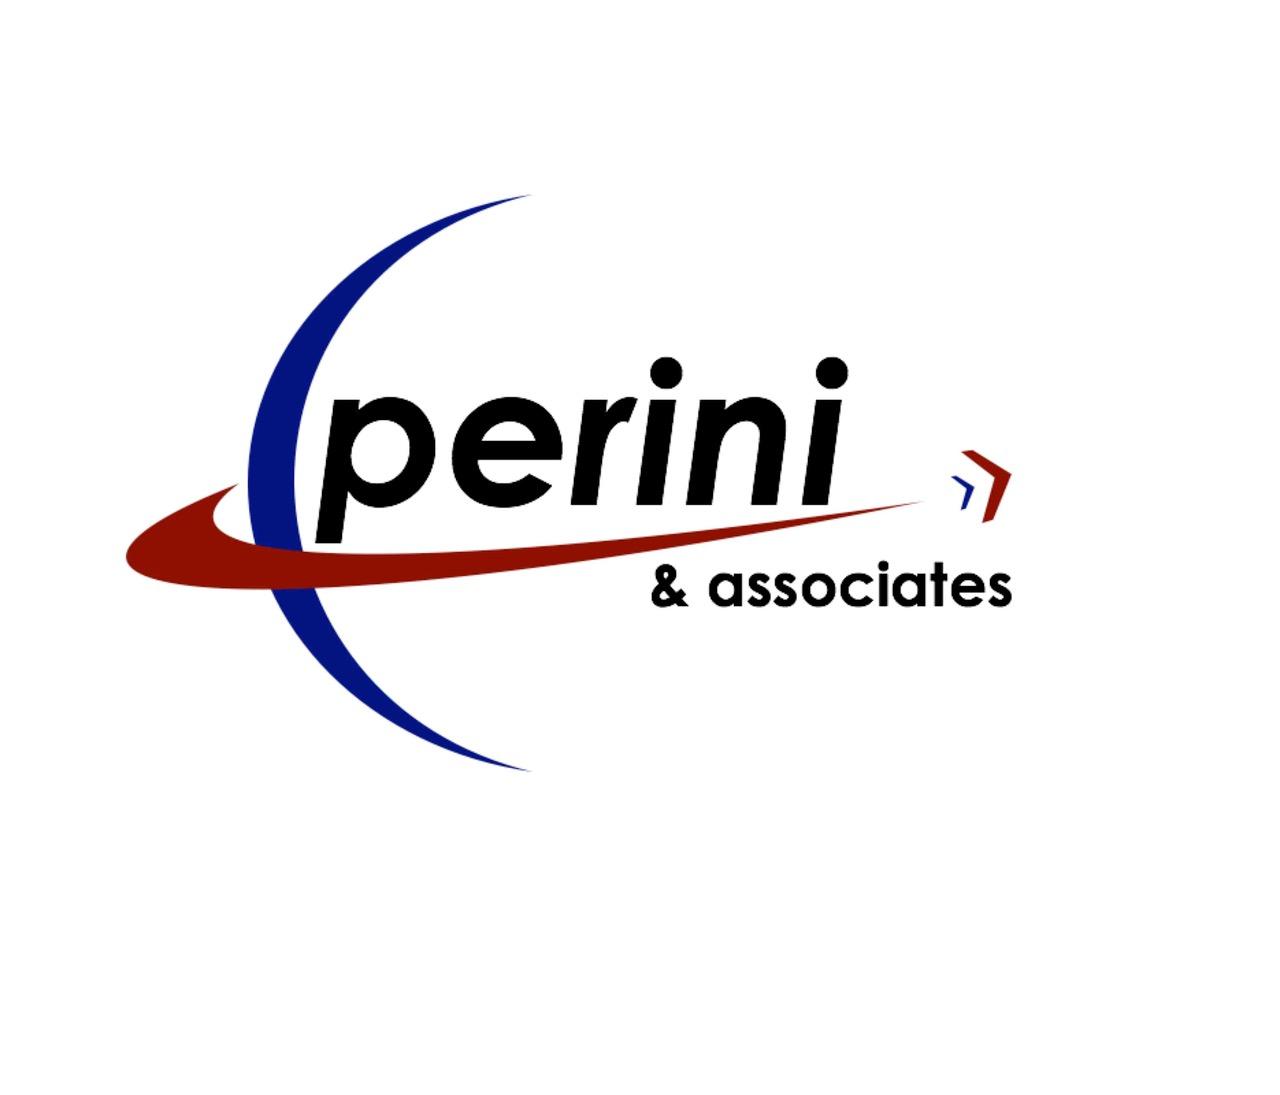 Perini & Associates